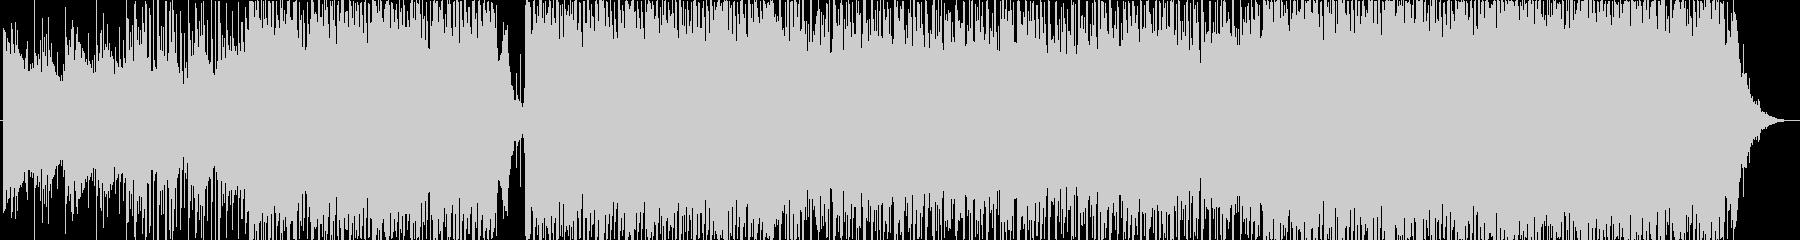 最小限のバックグラウンドチューンの未再生の波形